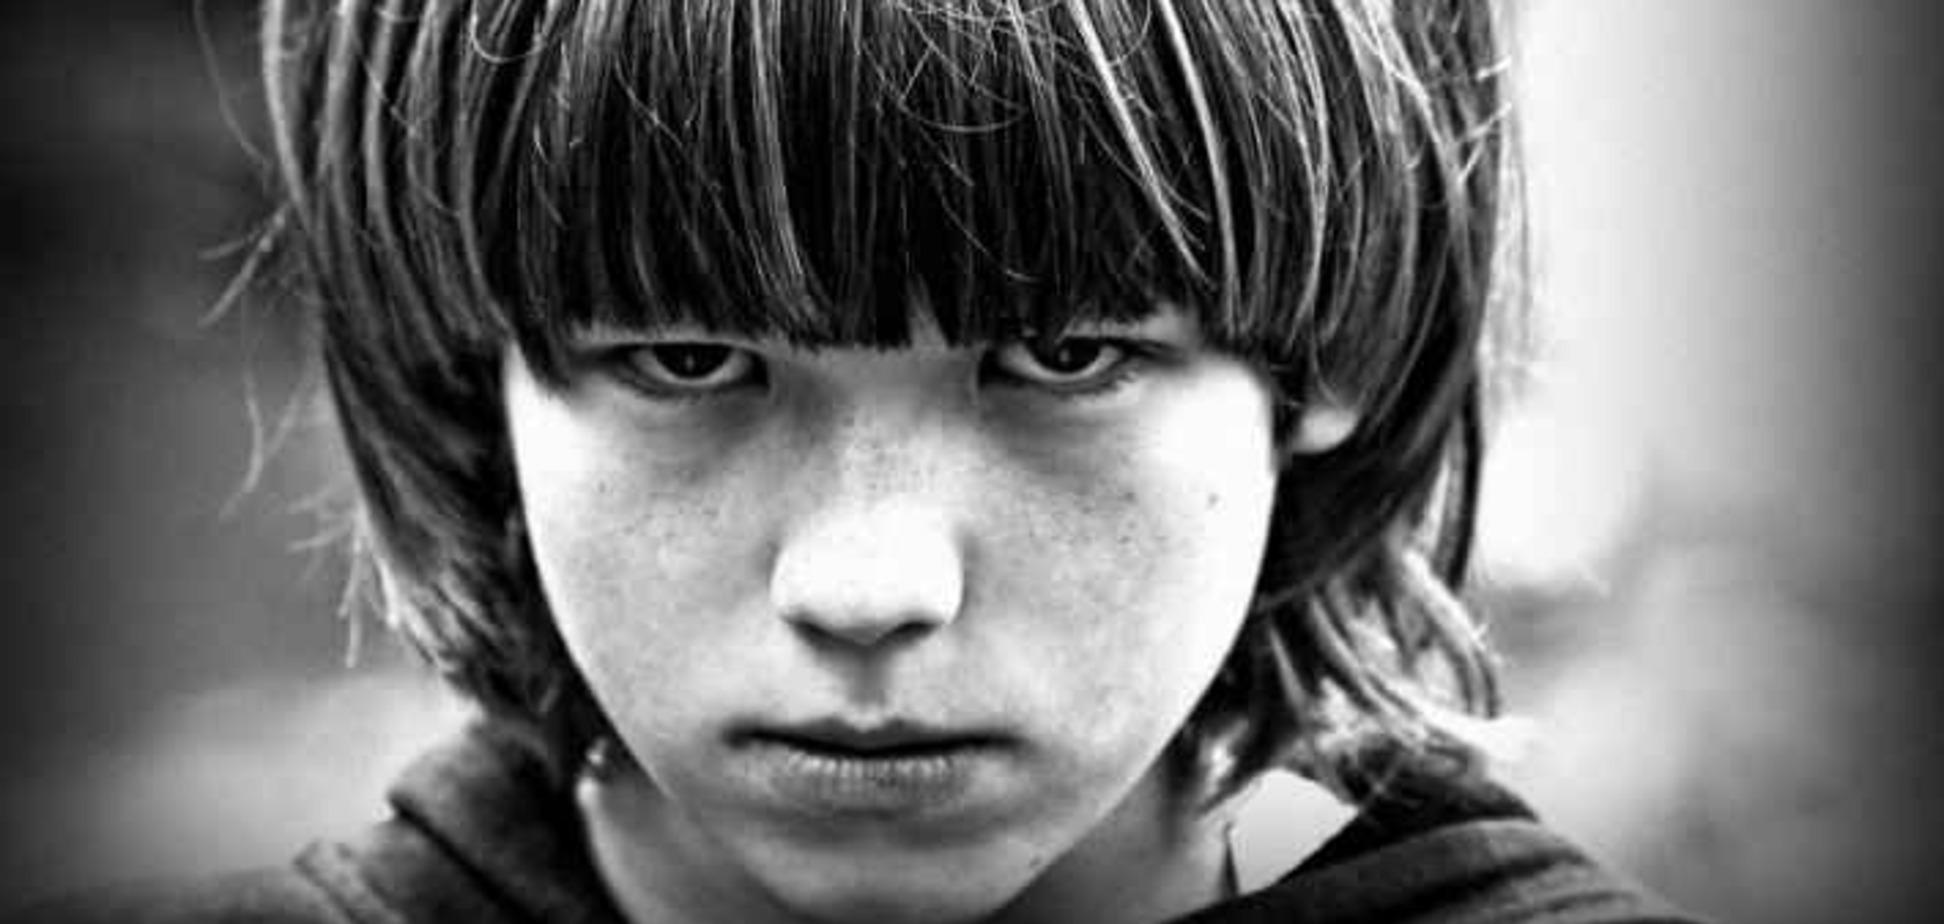 'Зараз вас будемо вбивати': у Росії підлітки розстріляли п'ятикласників